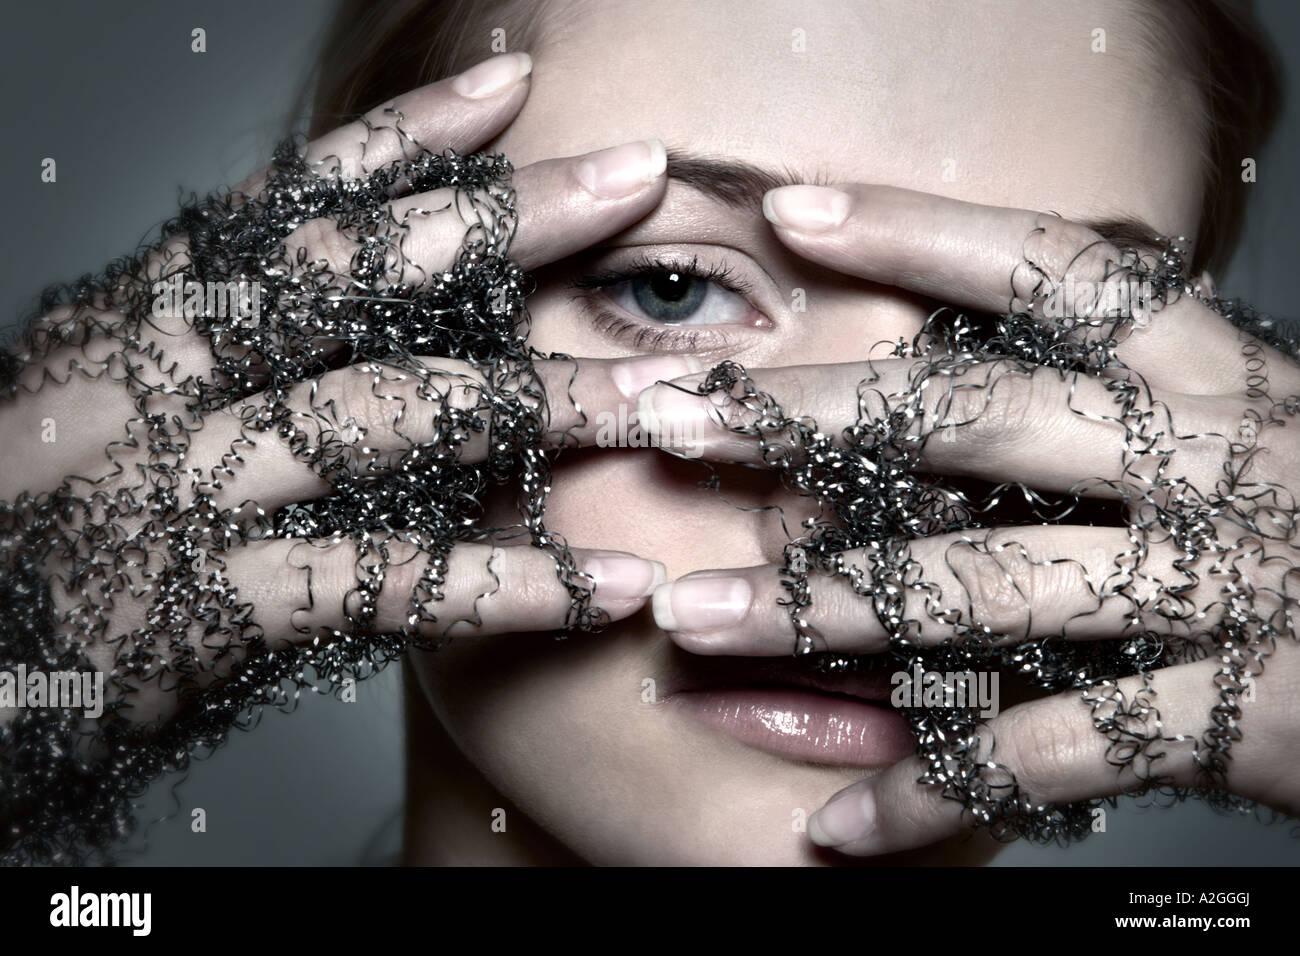 1217498 studio intérieur jeune femme brune 2530 fil main mains Gants Gant de rasage copeaux fils touche symbole Photo Stock